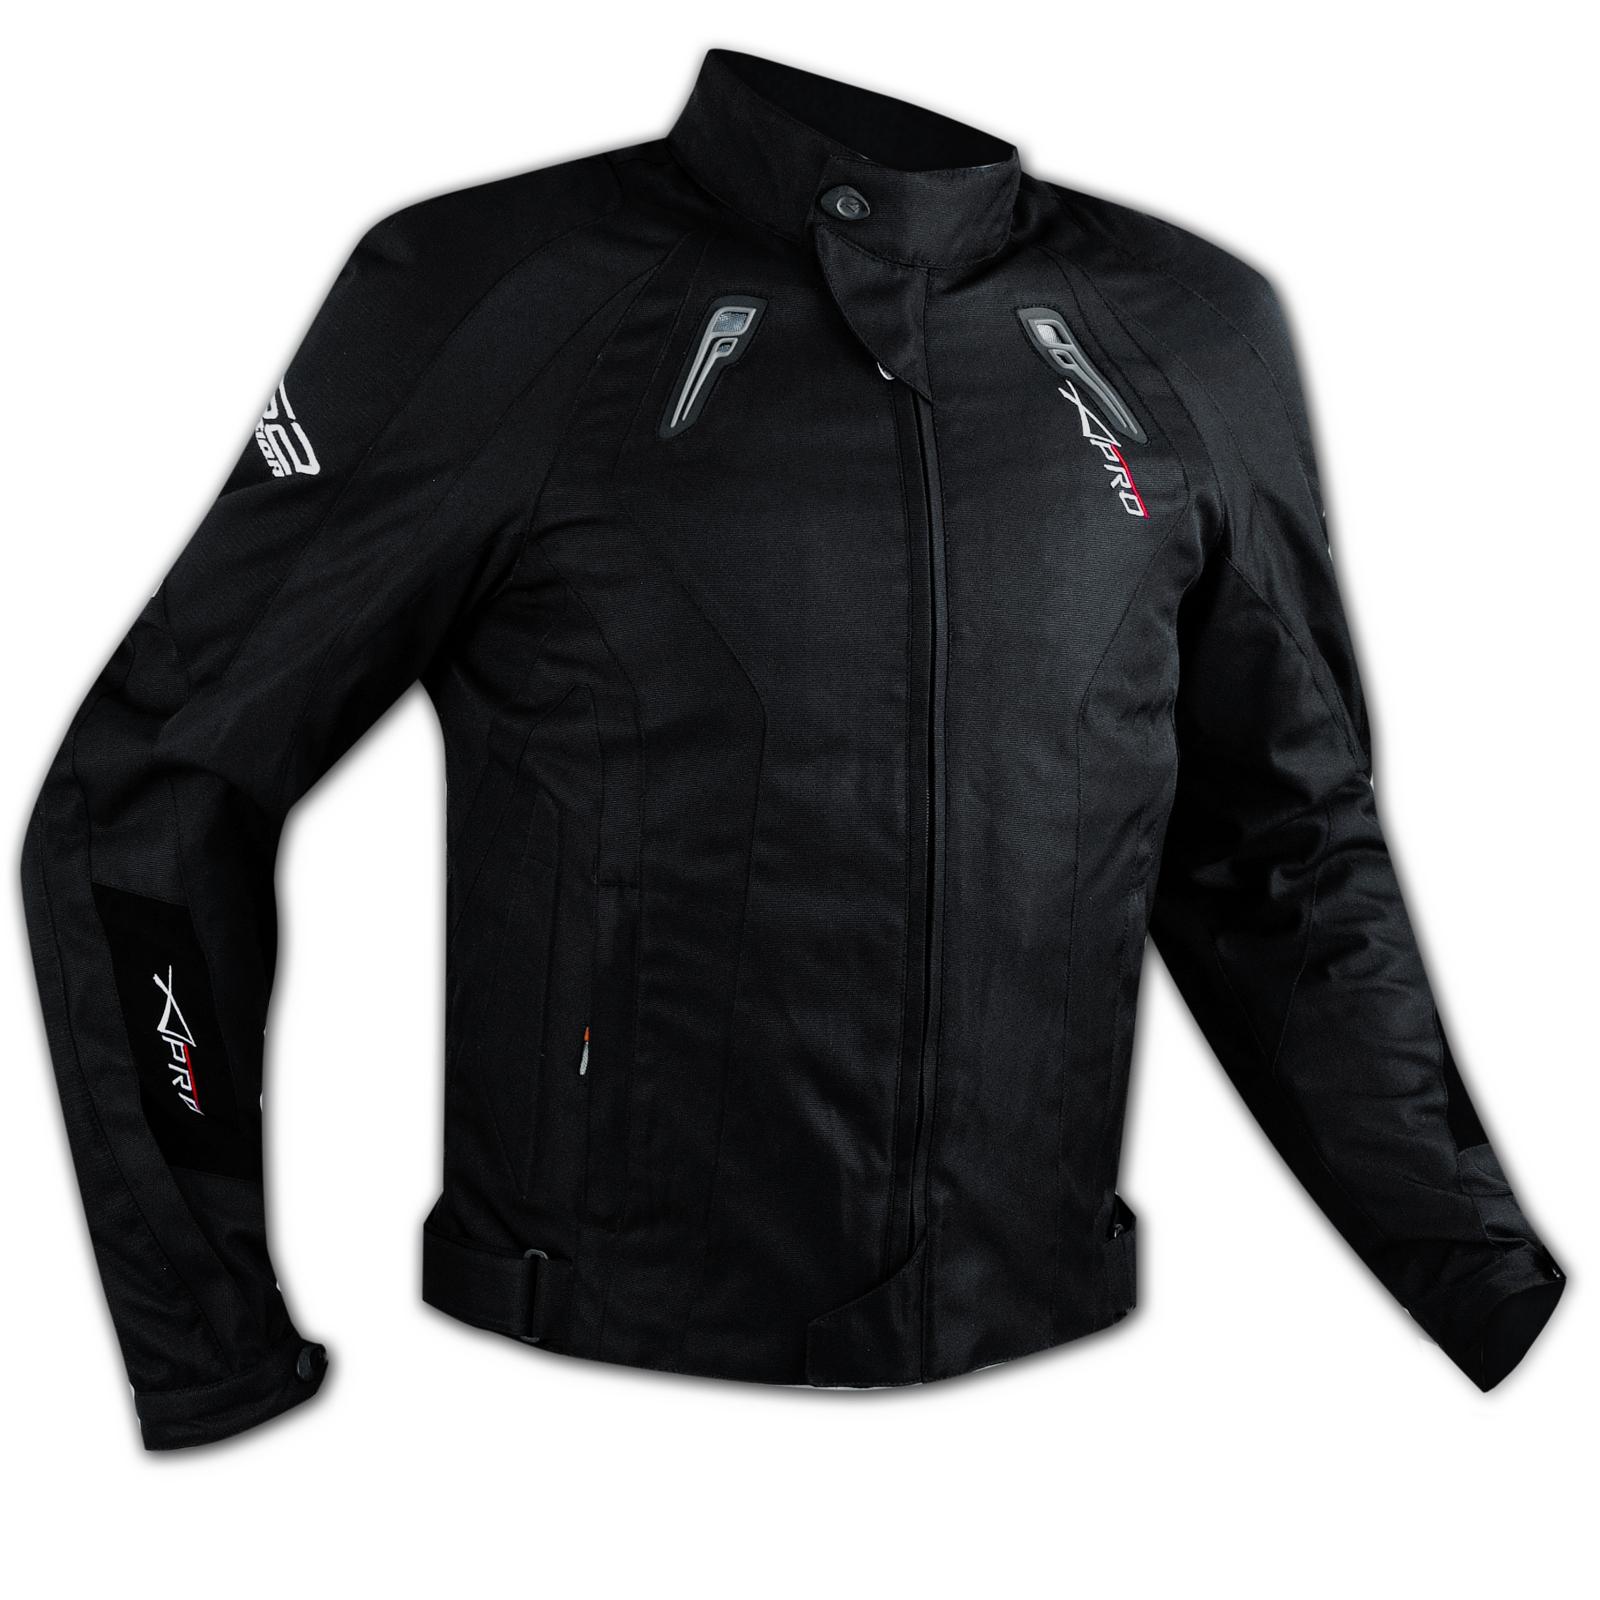 eb8cb6de298 Detalles de Chaqueta de Cordura Moto tela transpirable Chaleco térmica  protectores CE Negro